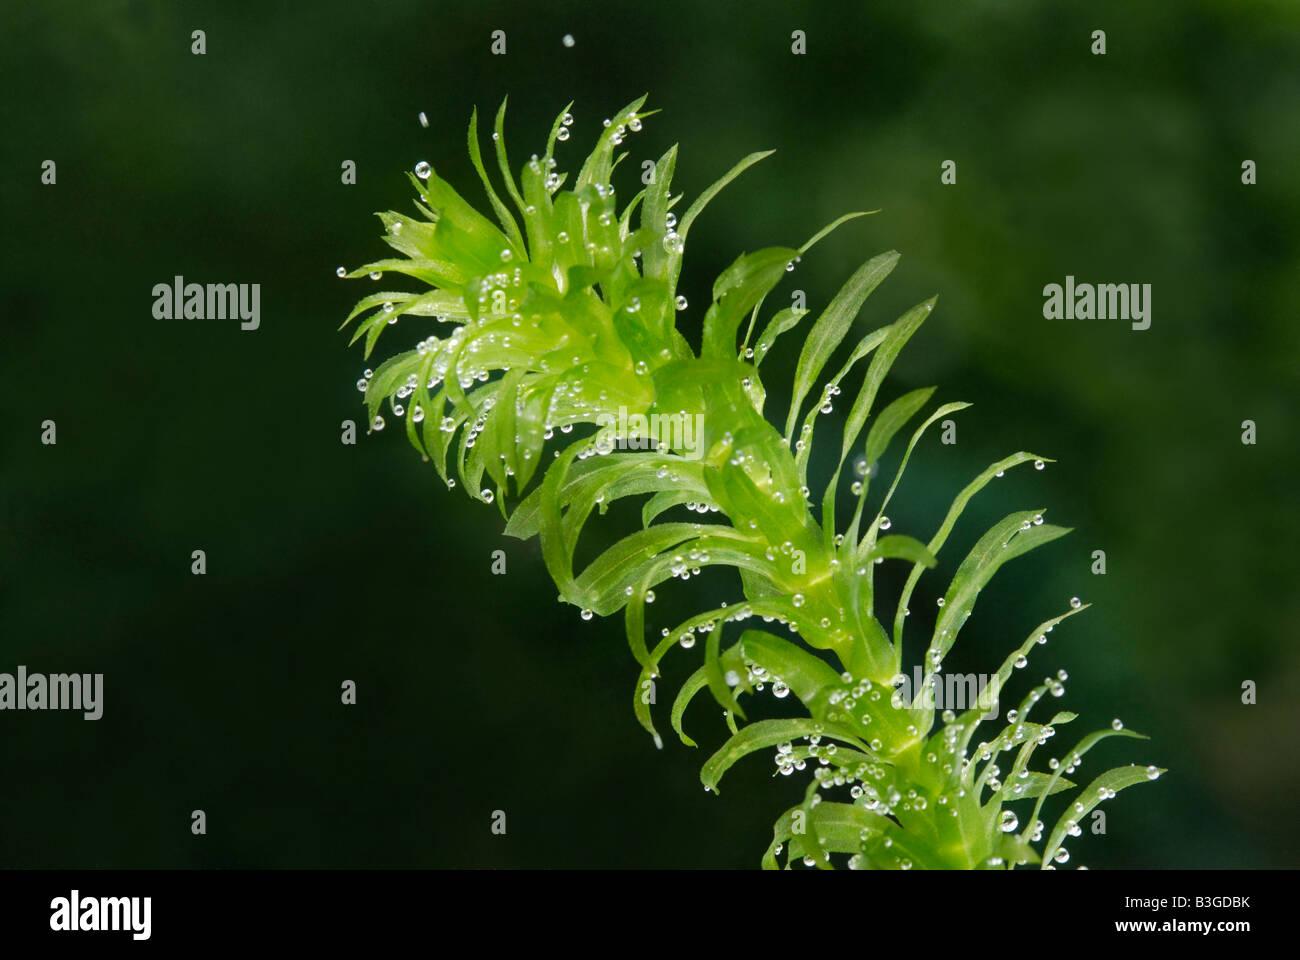 Rametto della pianta acquatica Elodea, stagno weed produrre bolle di ossigeno dalla fotosintesi Immagini Stock